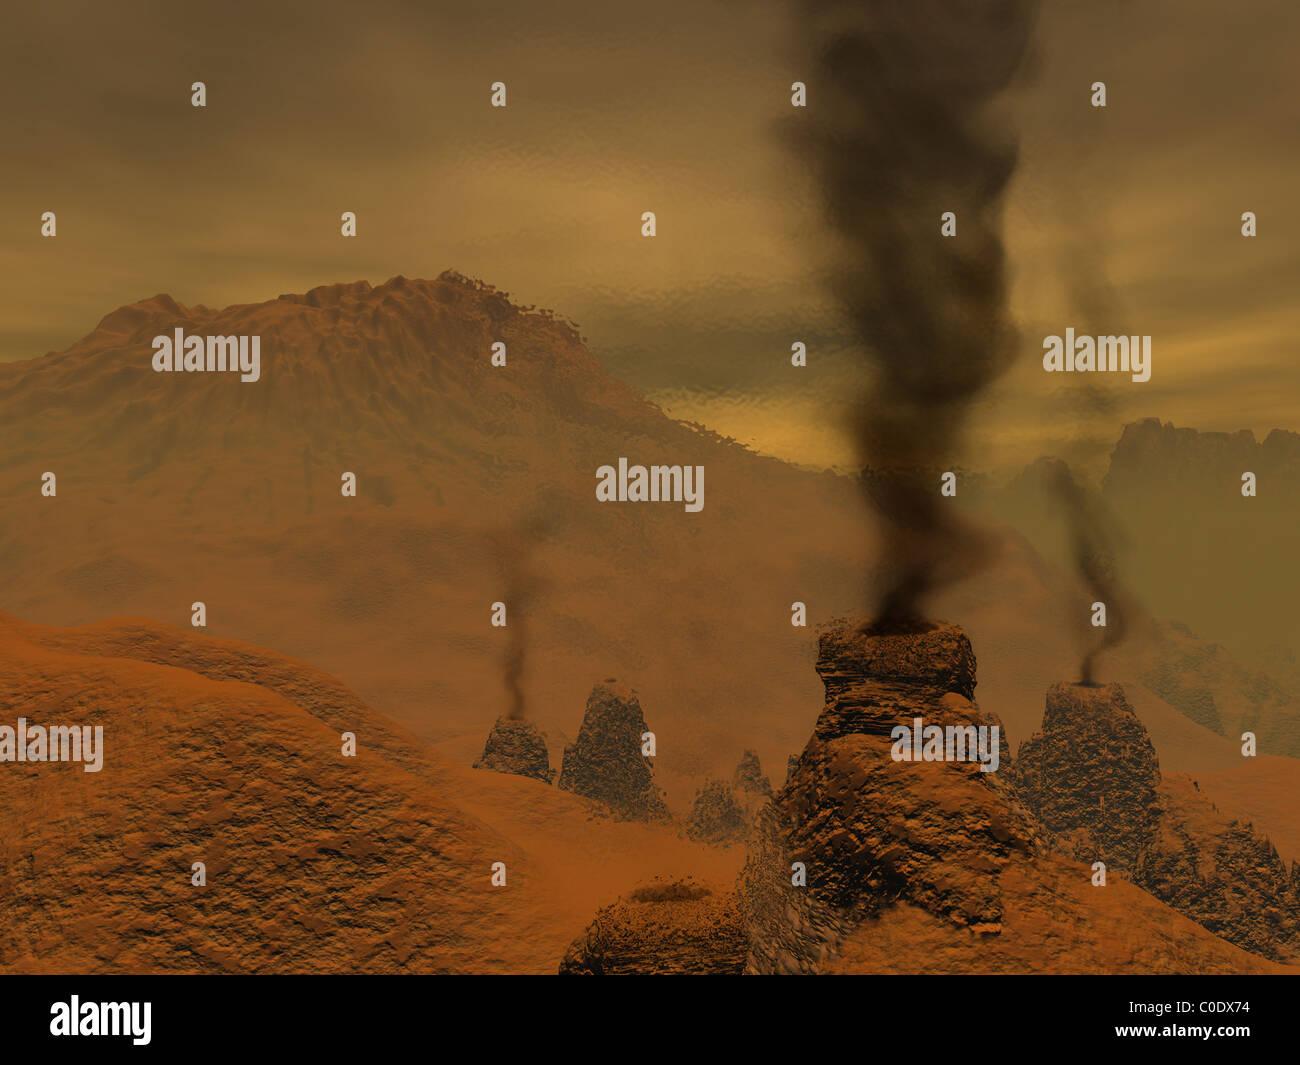 Concept de l'artiste de l'activité volcanique à la surface de Vénus. Photo Stock